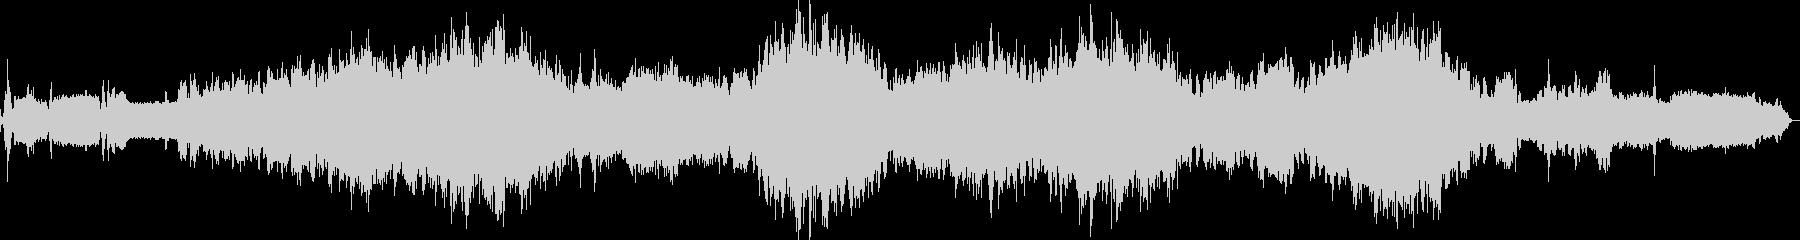 戦車の内部の音の未再生の波形